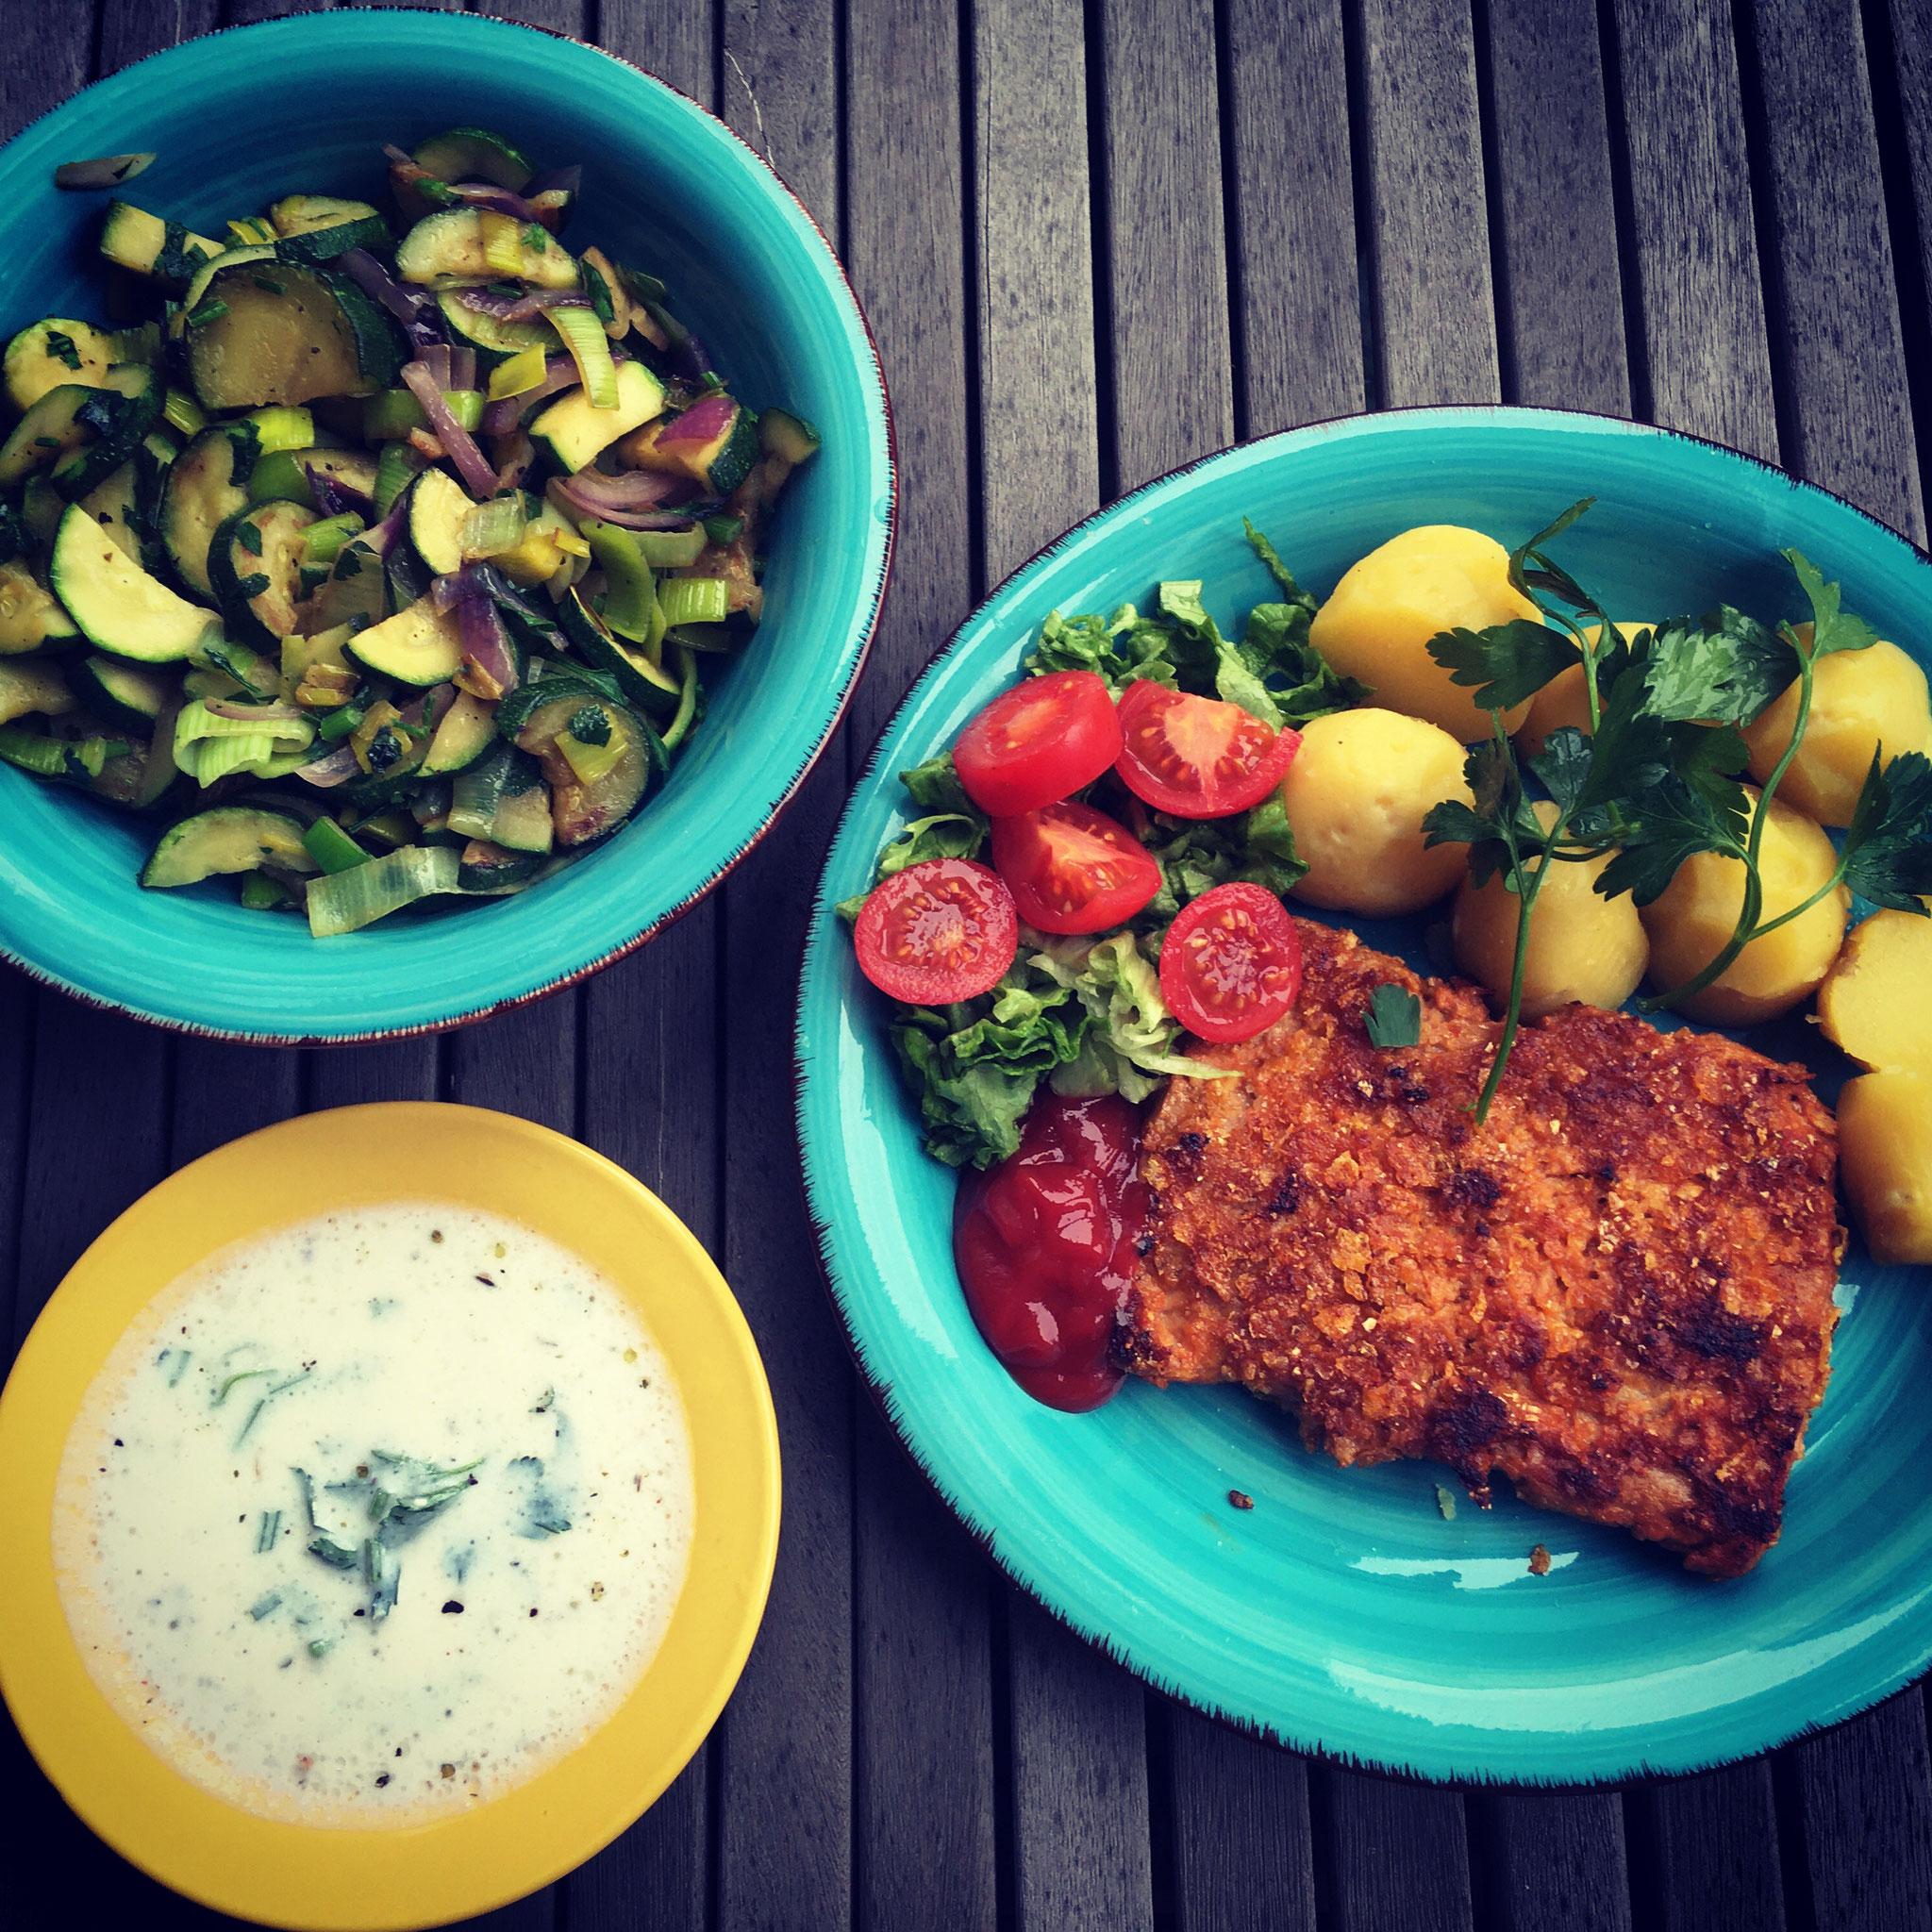 Soja-Schnitzel in Cornflakes-Pannade mit Zucchini-Gemüse, Kartoffeln & Soja-Yoghurt-Dip (Lunch & Dinner)